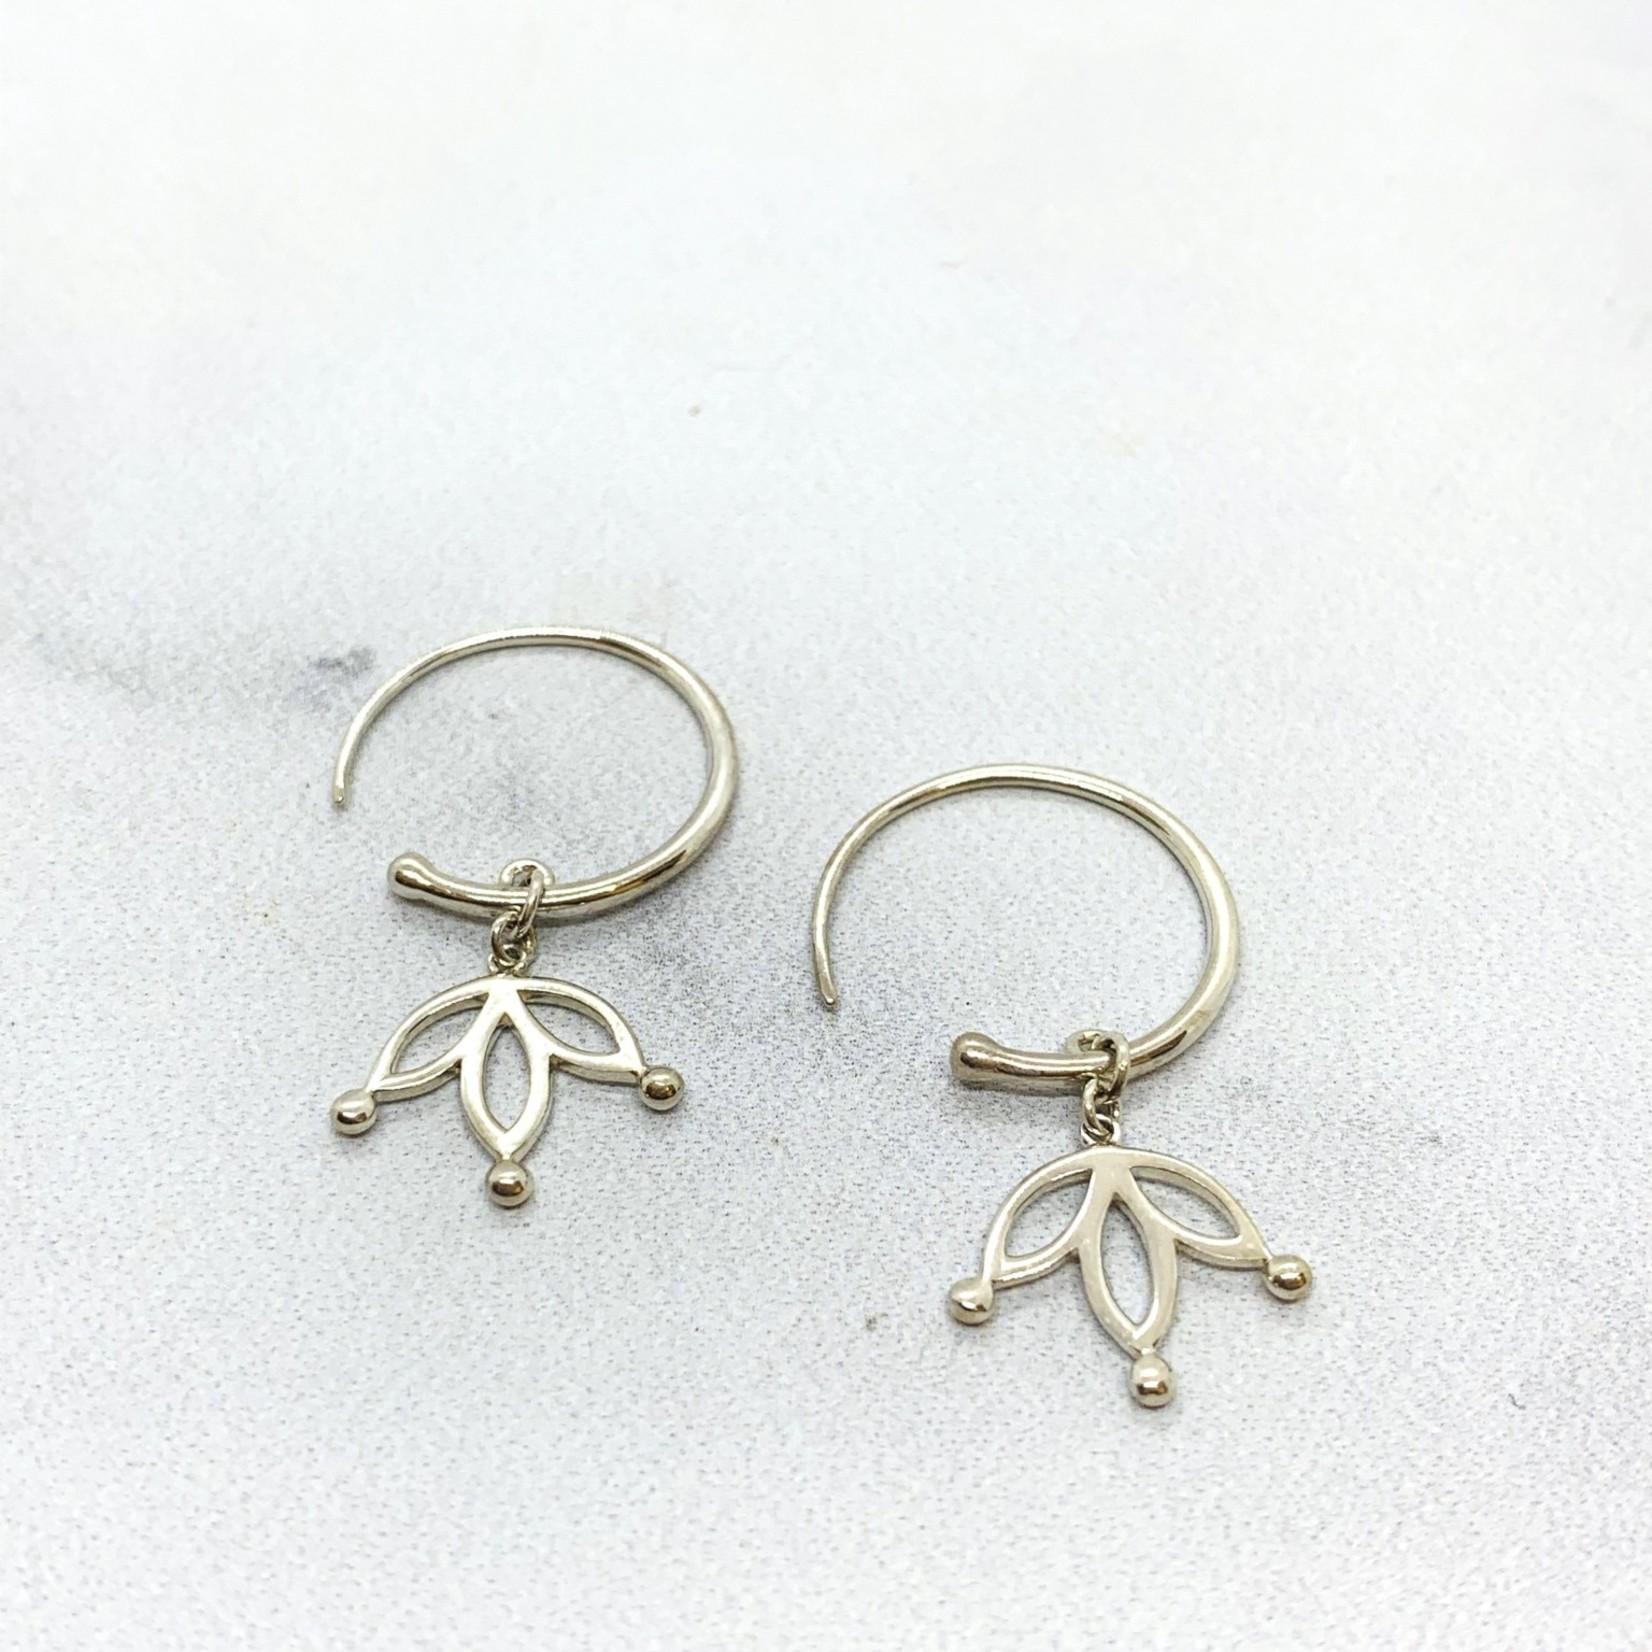 Sterling Silver Hoop Earrings with Floating Lotus Petals